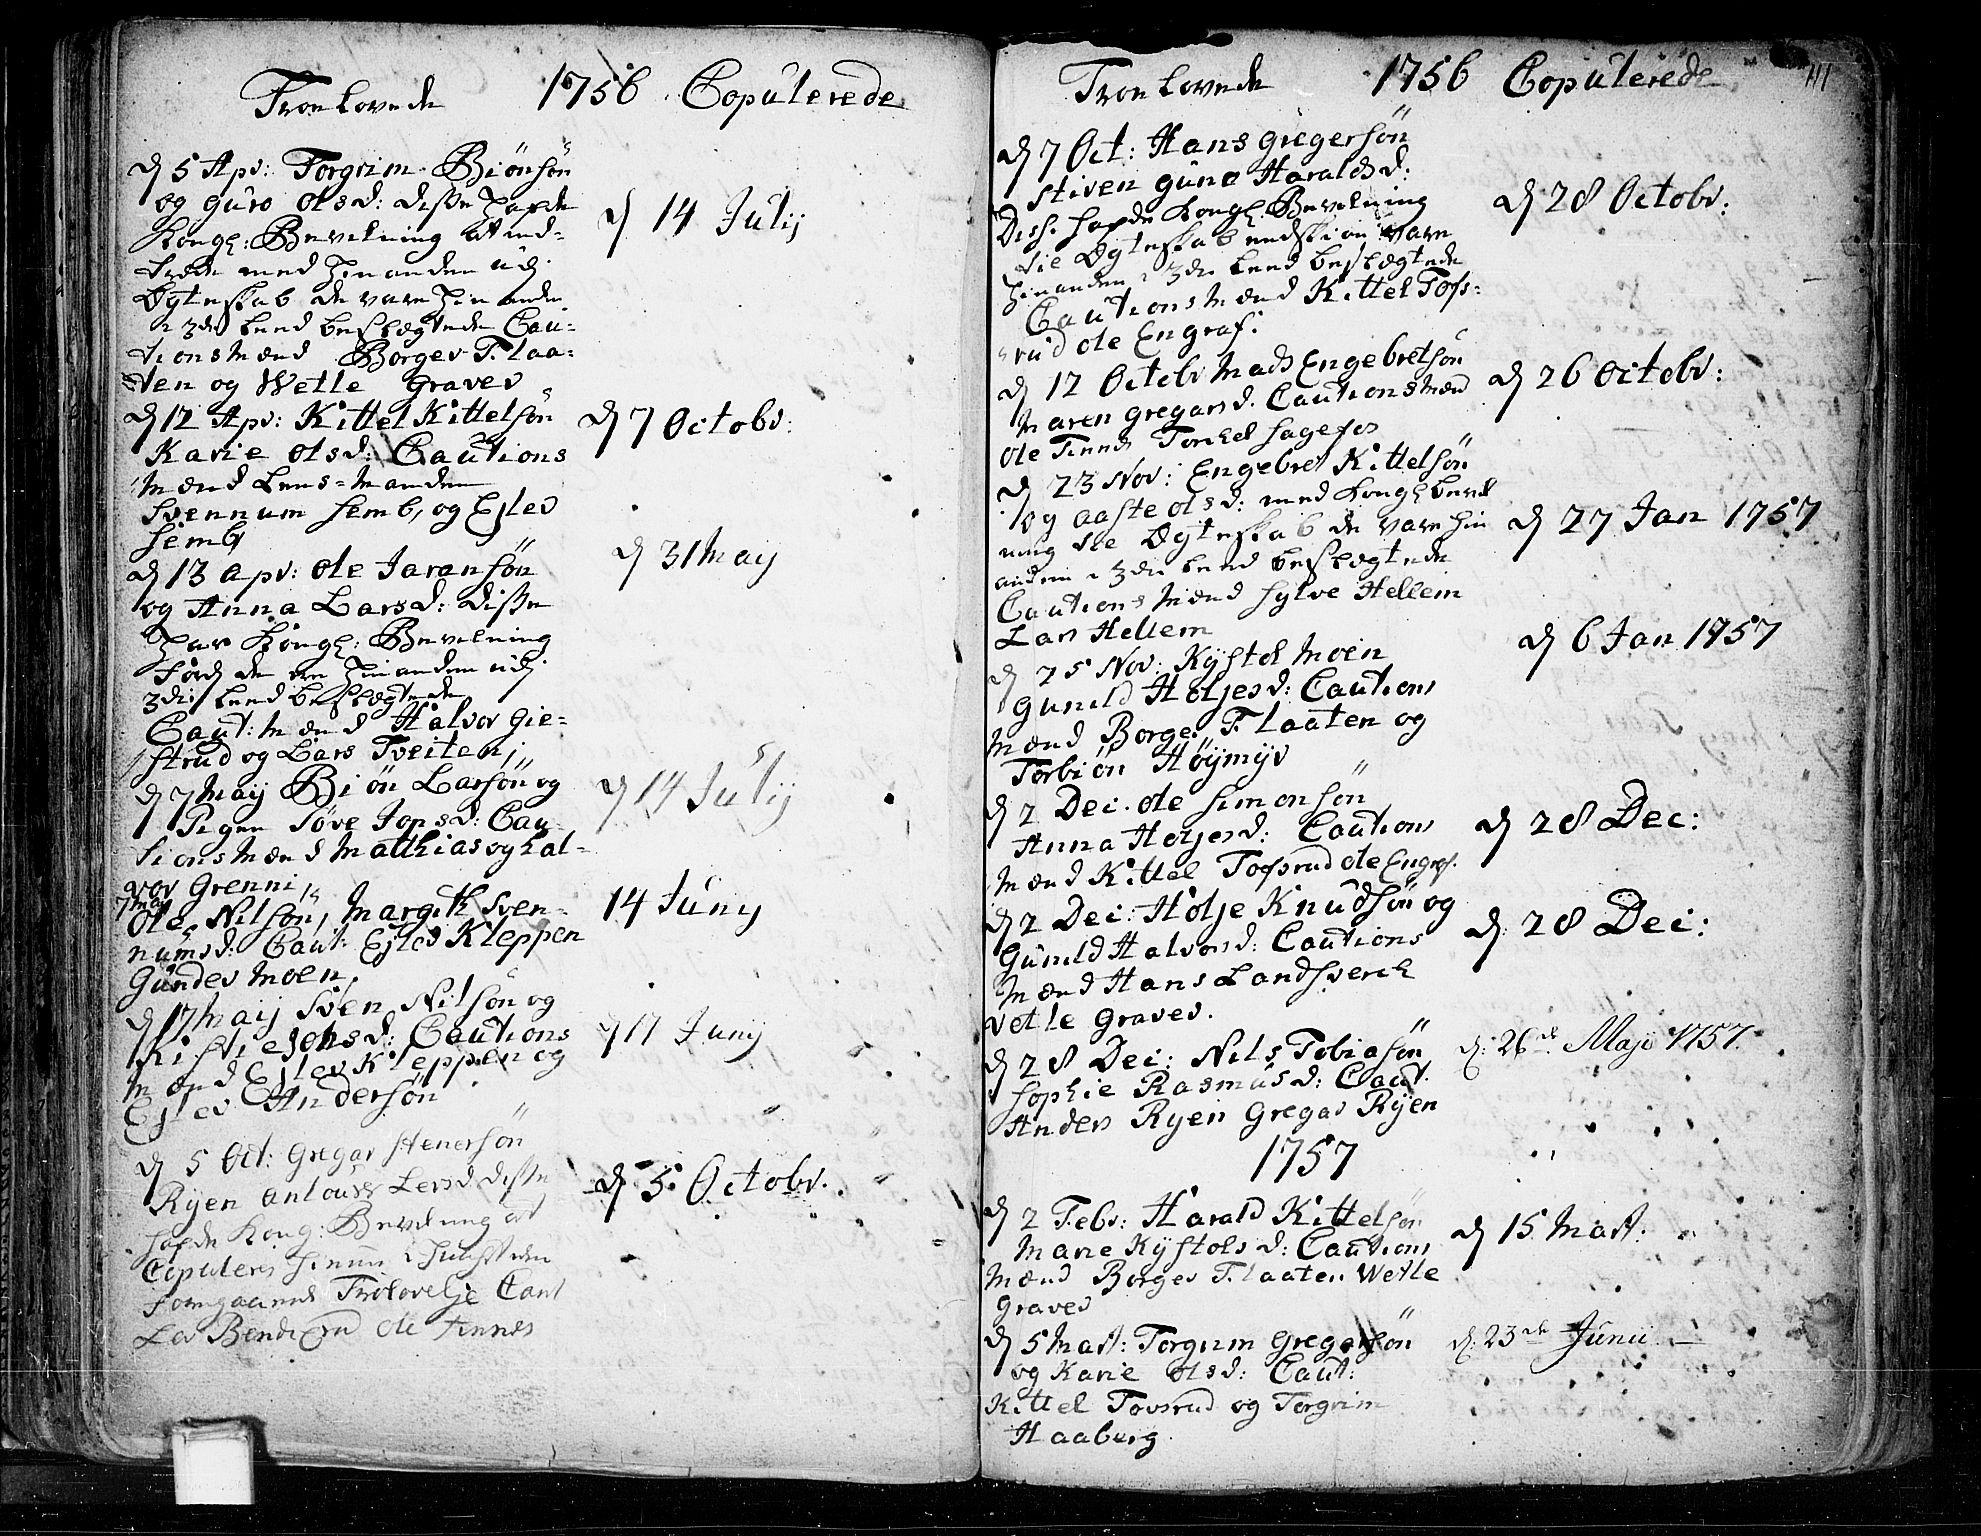 SAKO, Heddal kirkebøker, F/Fa/L0003: Ministerialbok nr. I 3, 1723-1783, s. 111